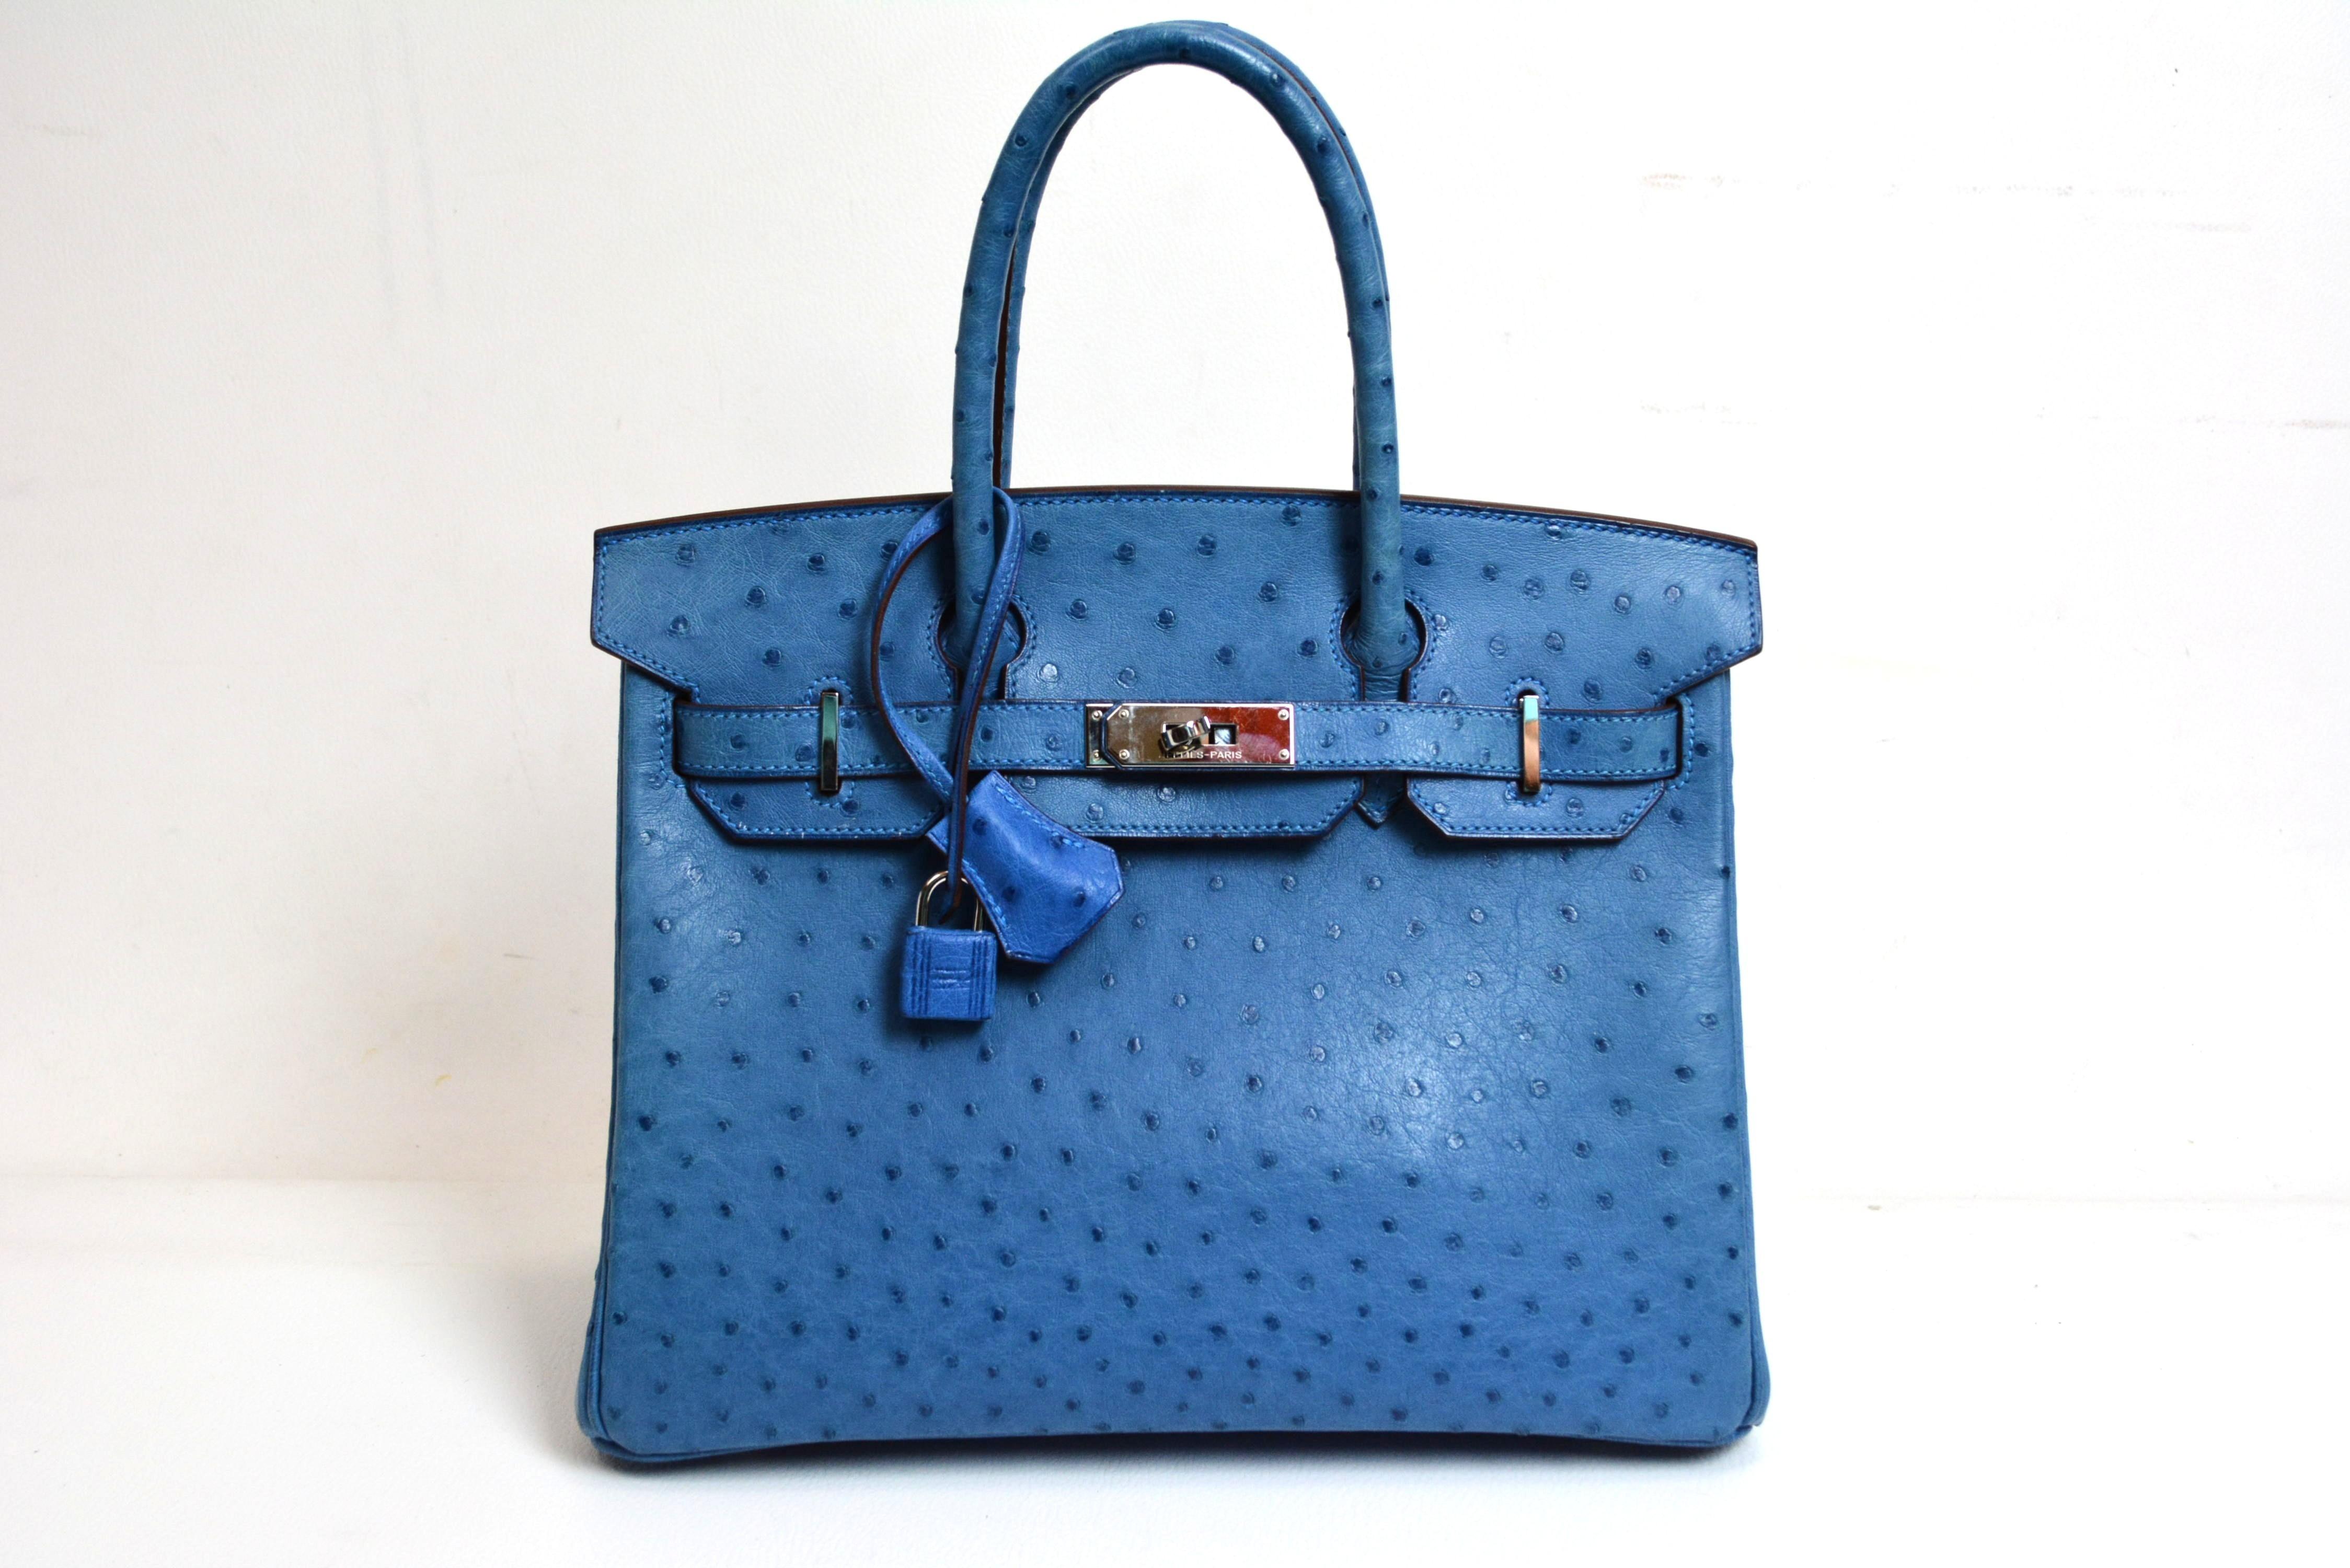 cb1628739fb3 Le sac Hermès tire son nom d un «instant glamour» en 1956, lorsque Grace  Kelly (actrice, icône de mode et princesse de Monaco) a utilisé le « Sac à  ...